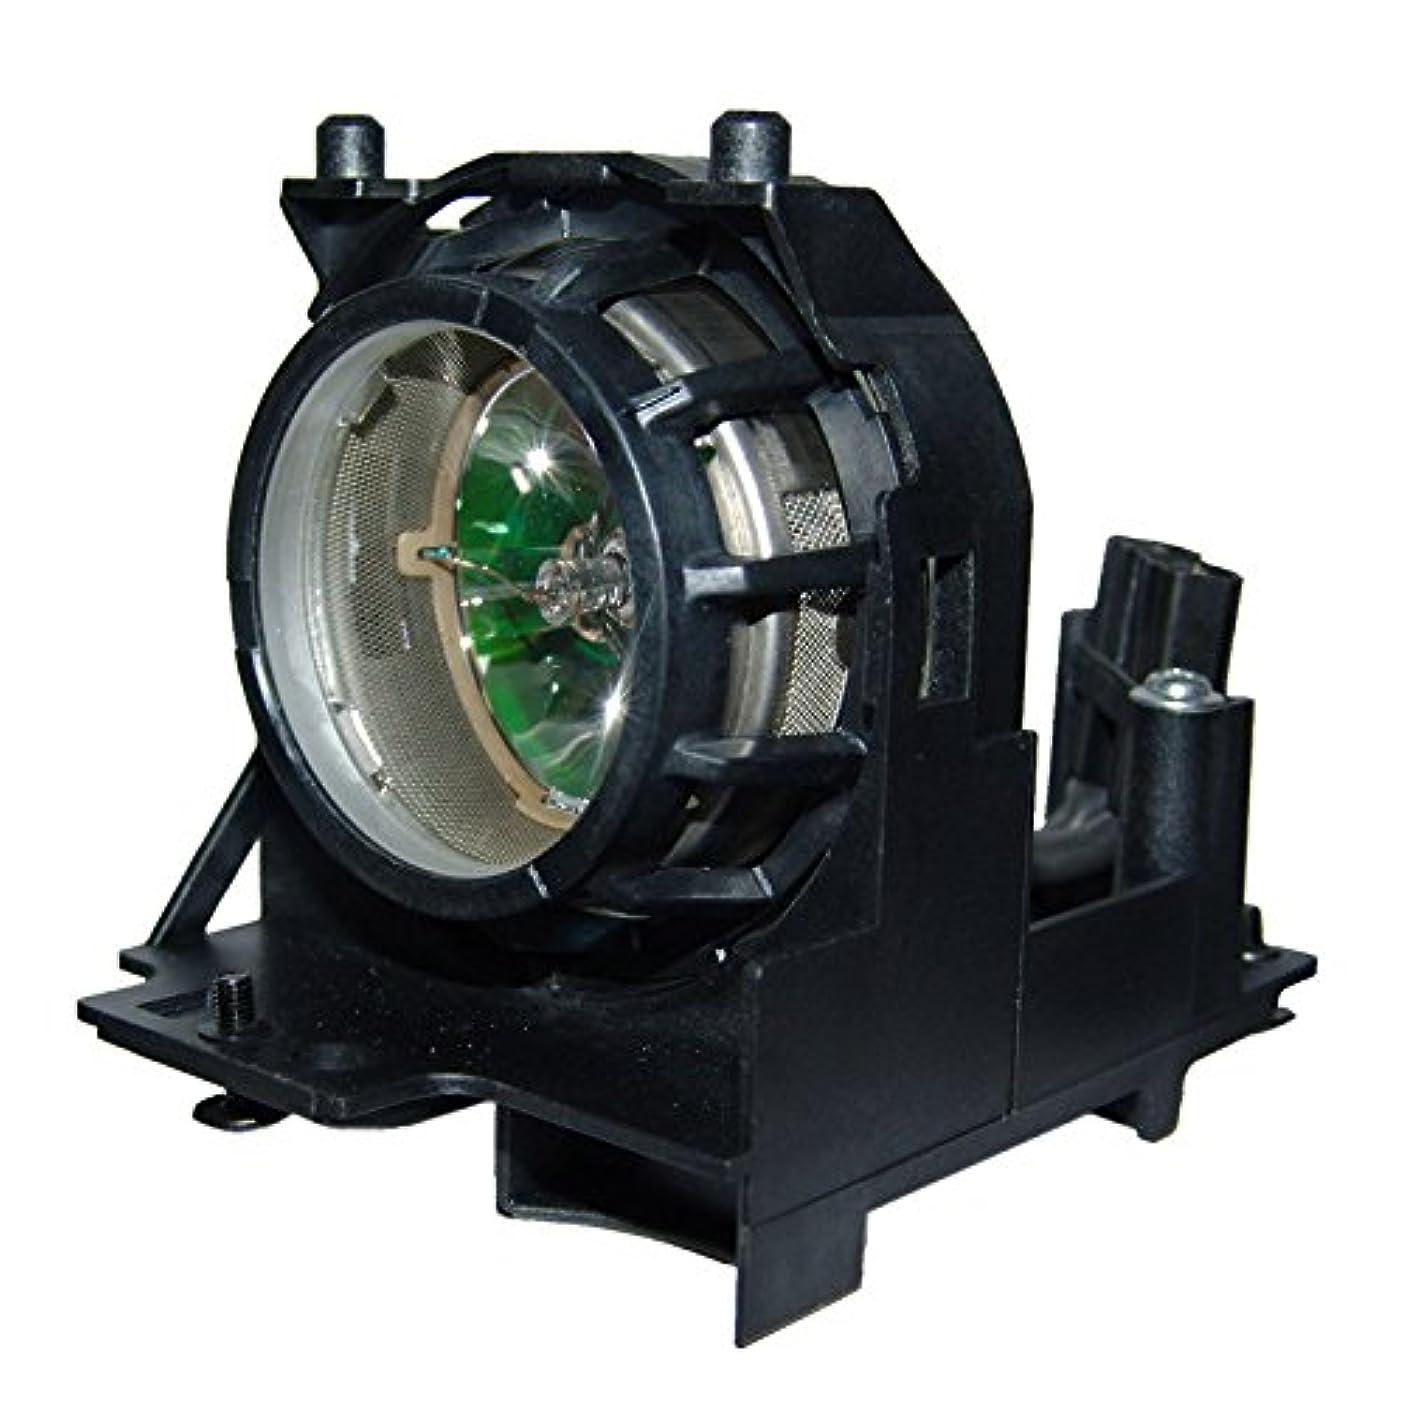 廊下雨の学校の先生Dukane ImagePro 8055アセンブリランププロジェクタ電球Inside